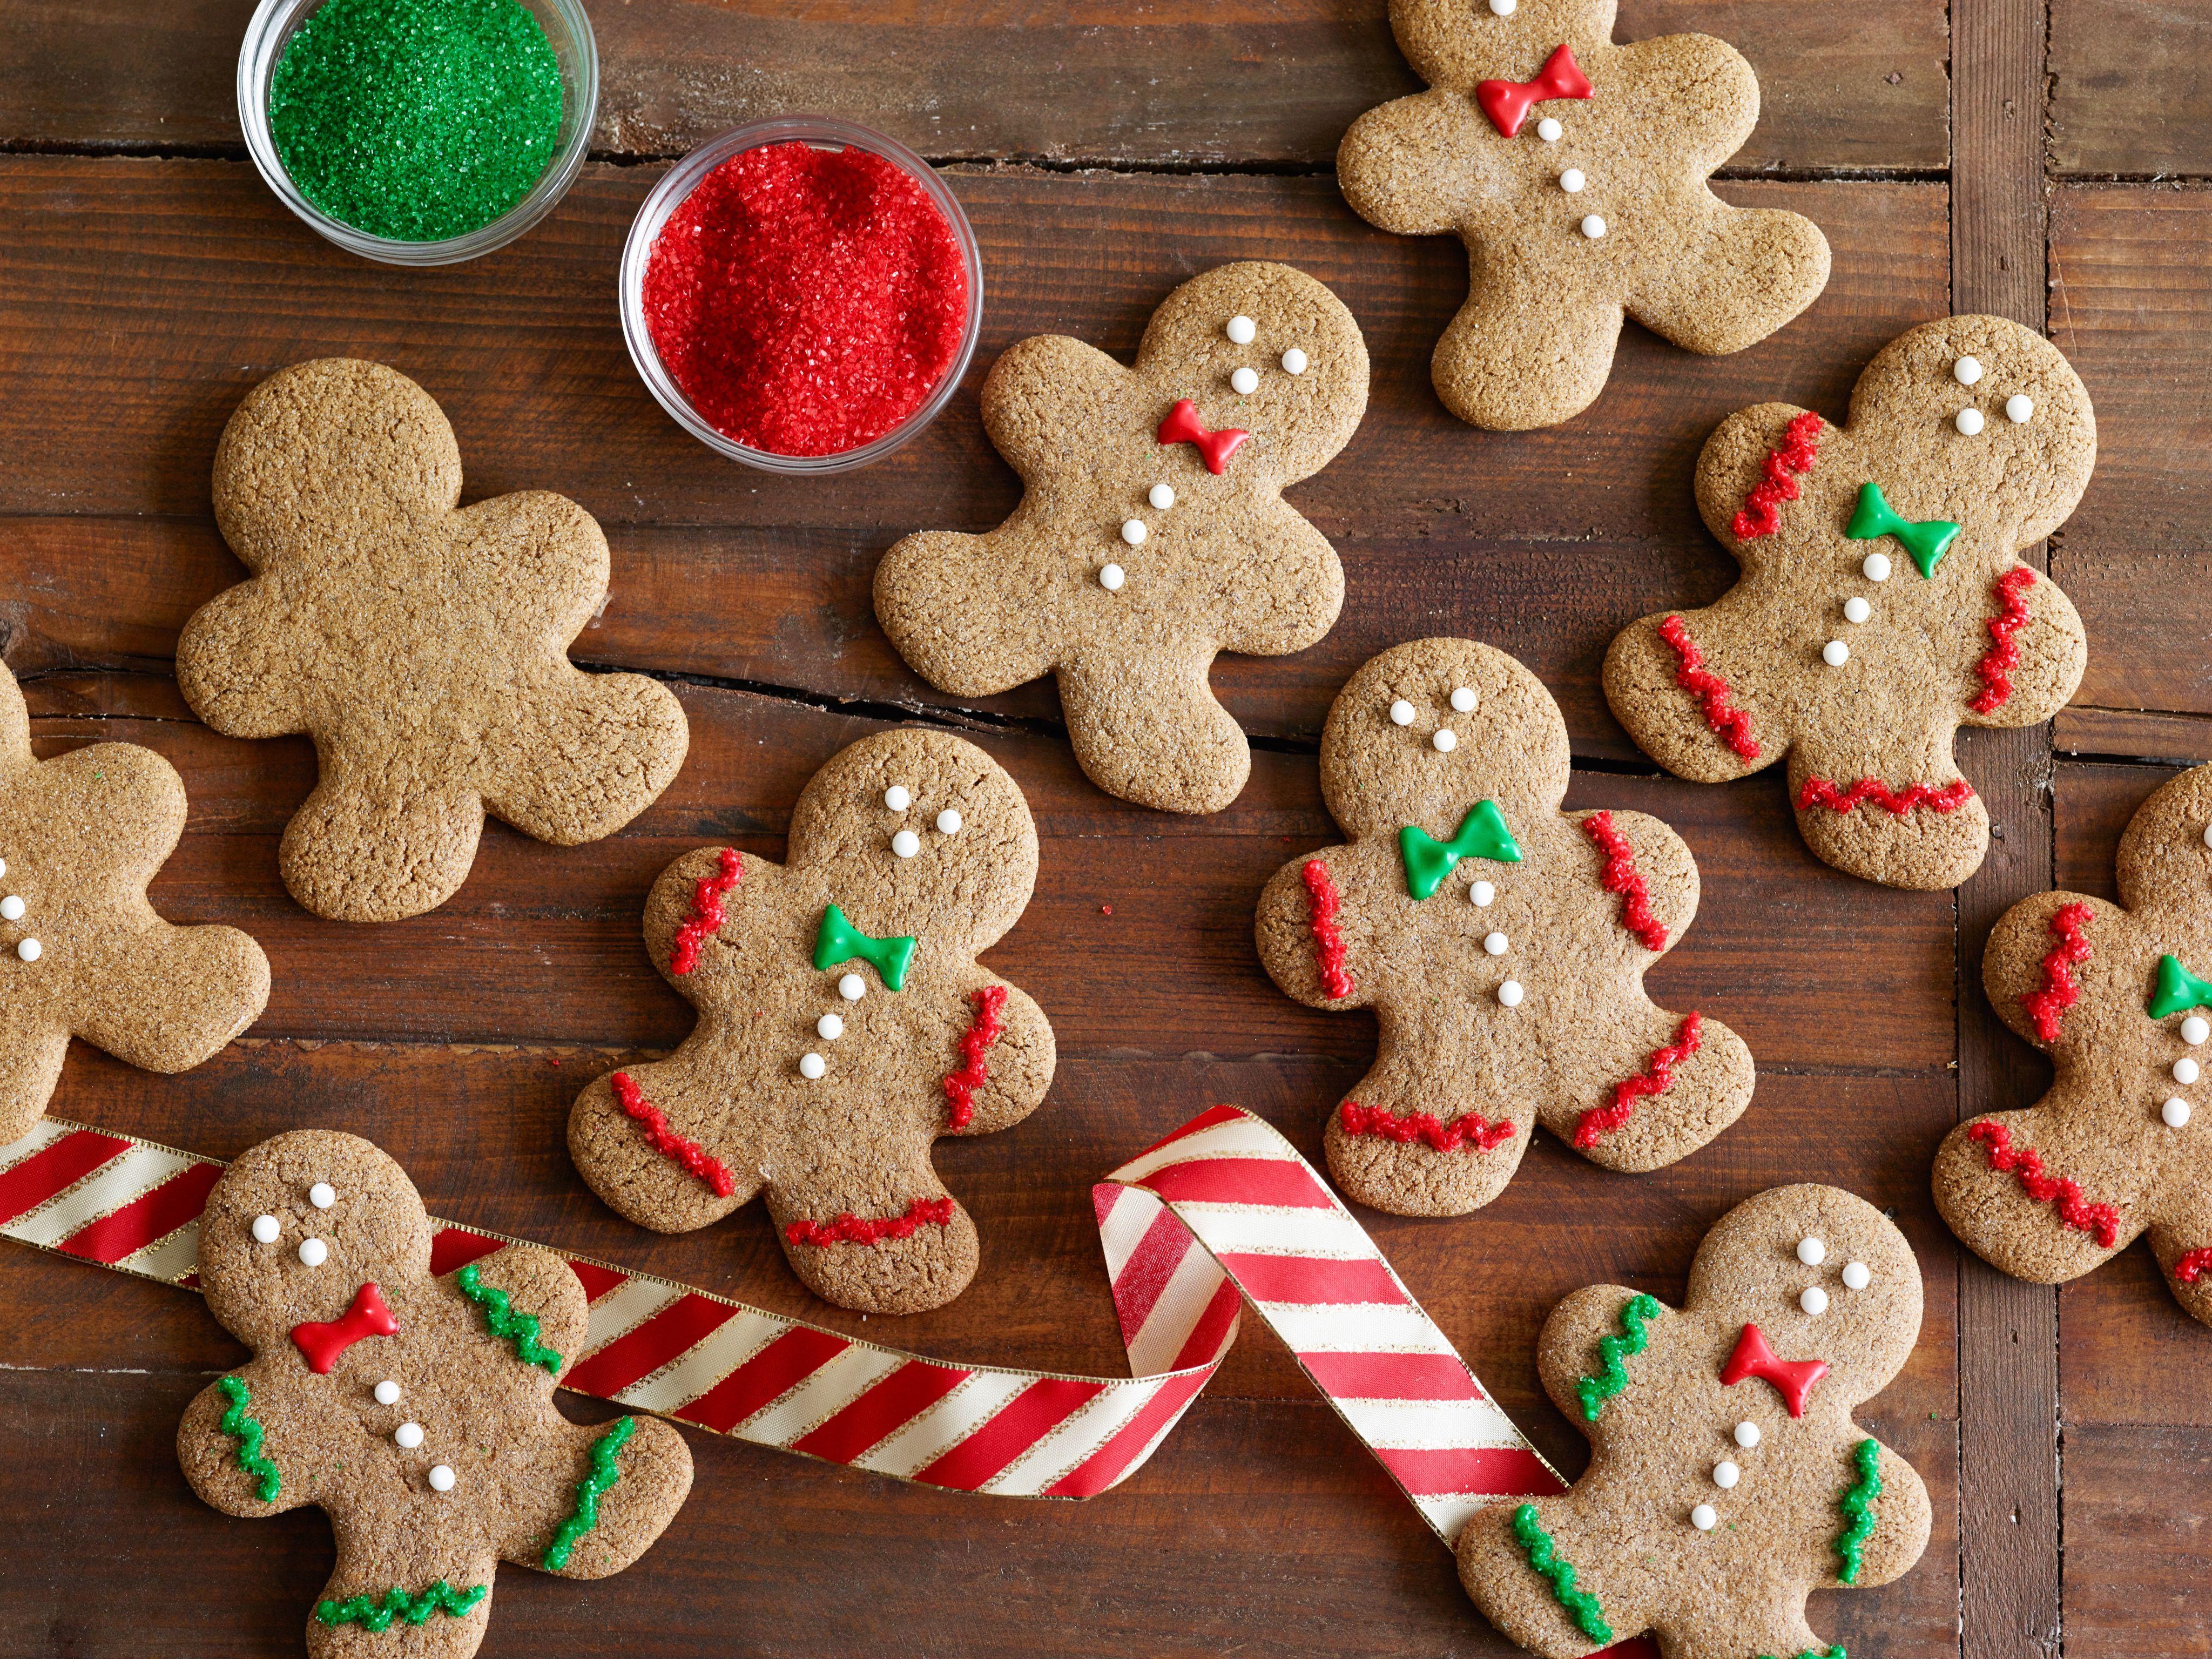 Первые упоминания о печенье в мировой истории датируются VII веком. А те самые повара-экспериментаторы были родом из Персии.